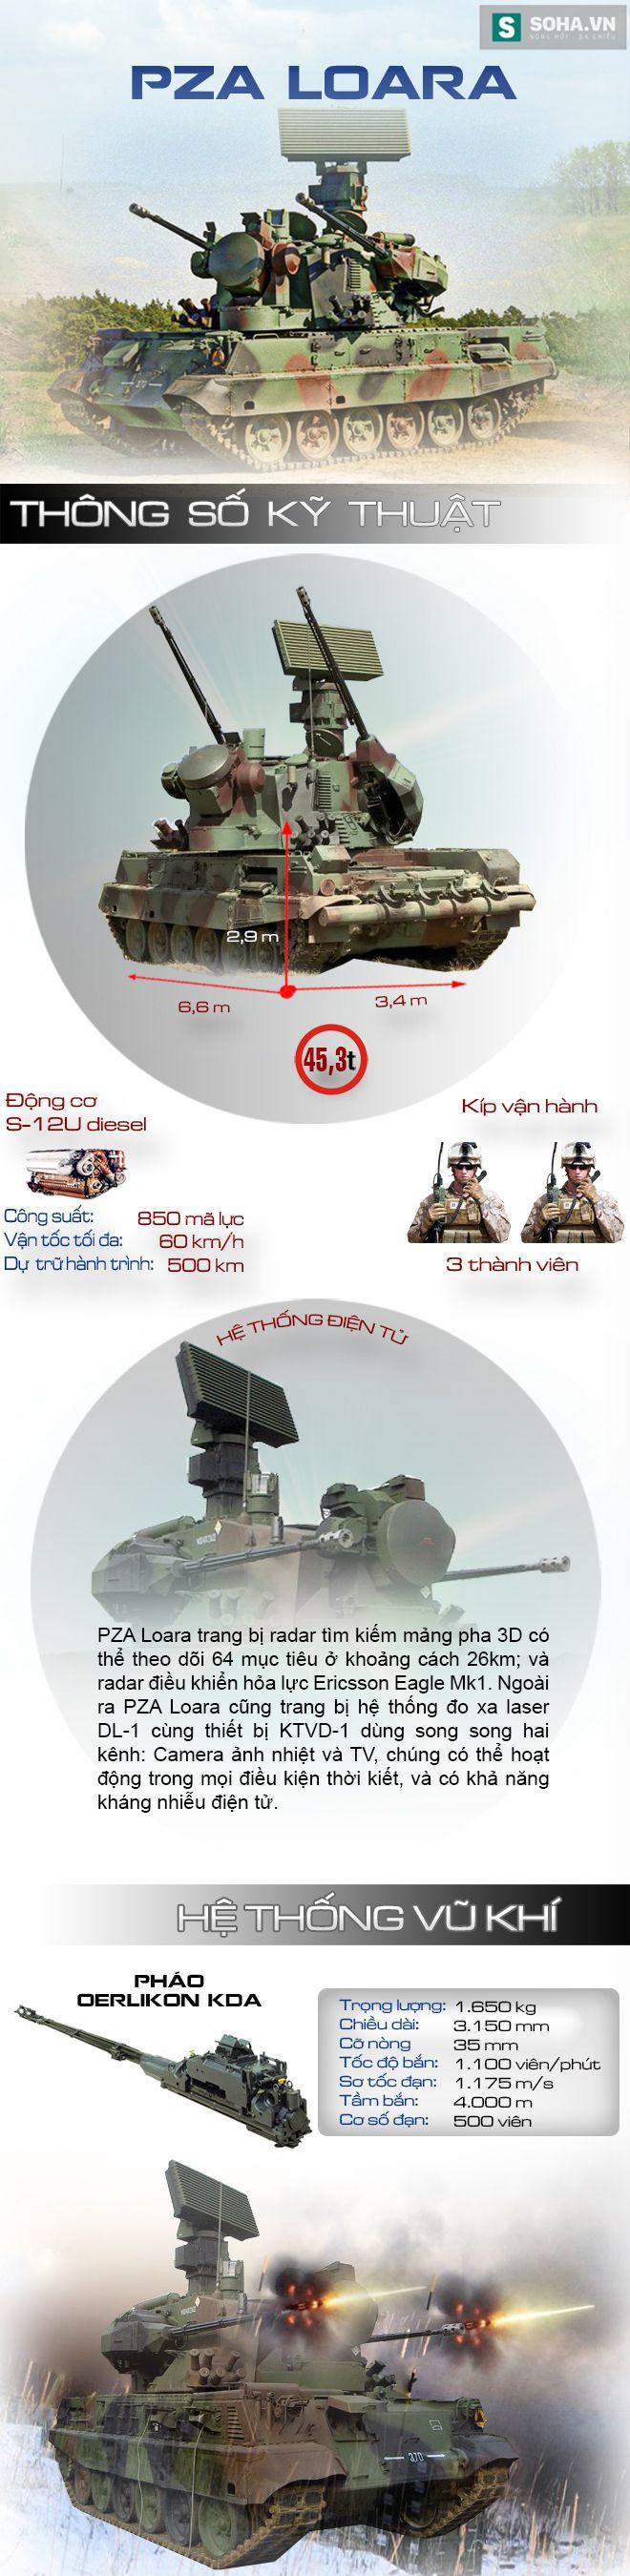 Hệ thống pháo phòng không tự hành được dự báo sẽ sớm thay thế ZSU-23-4 - Ảnh 1.